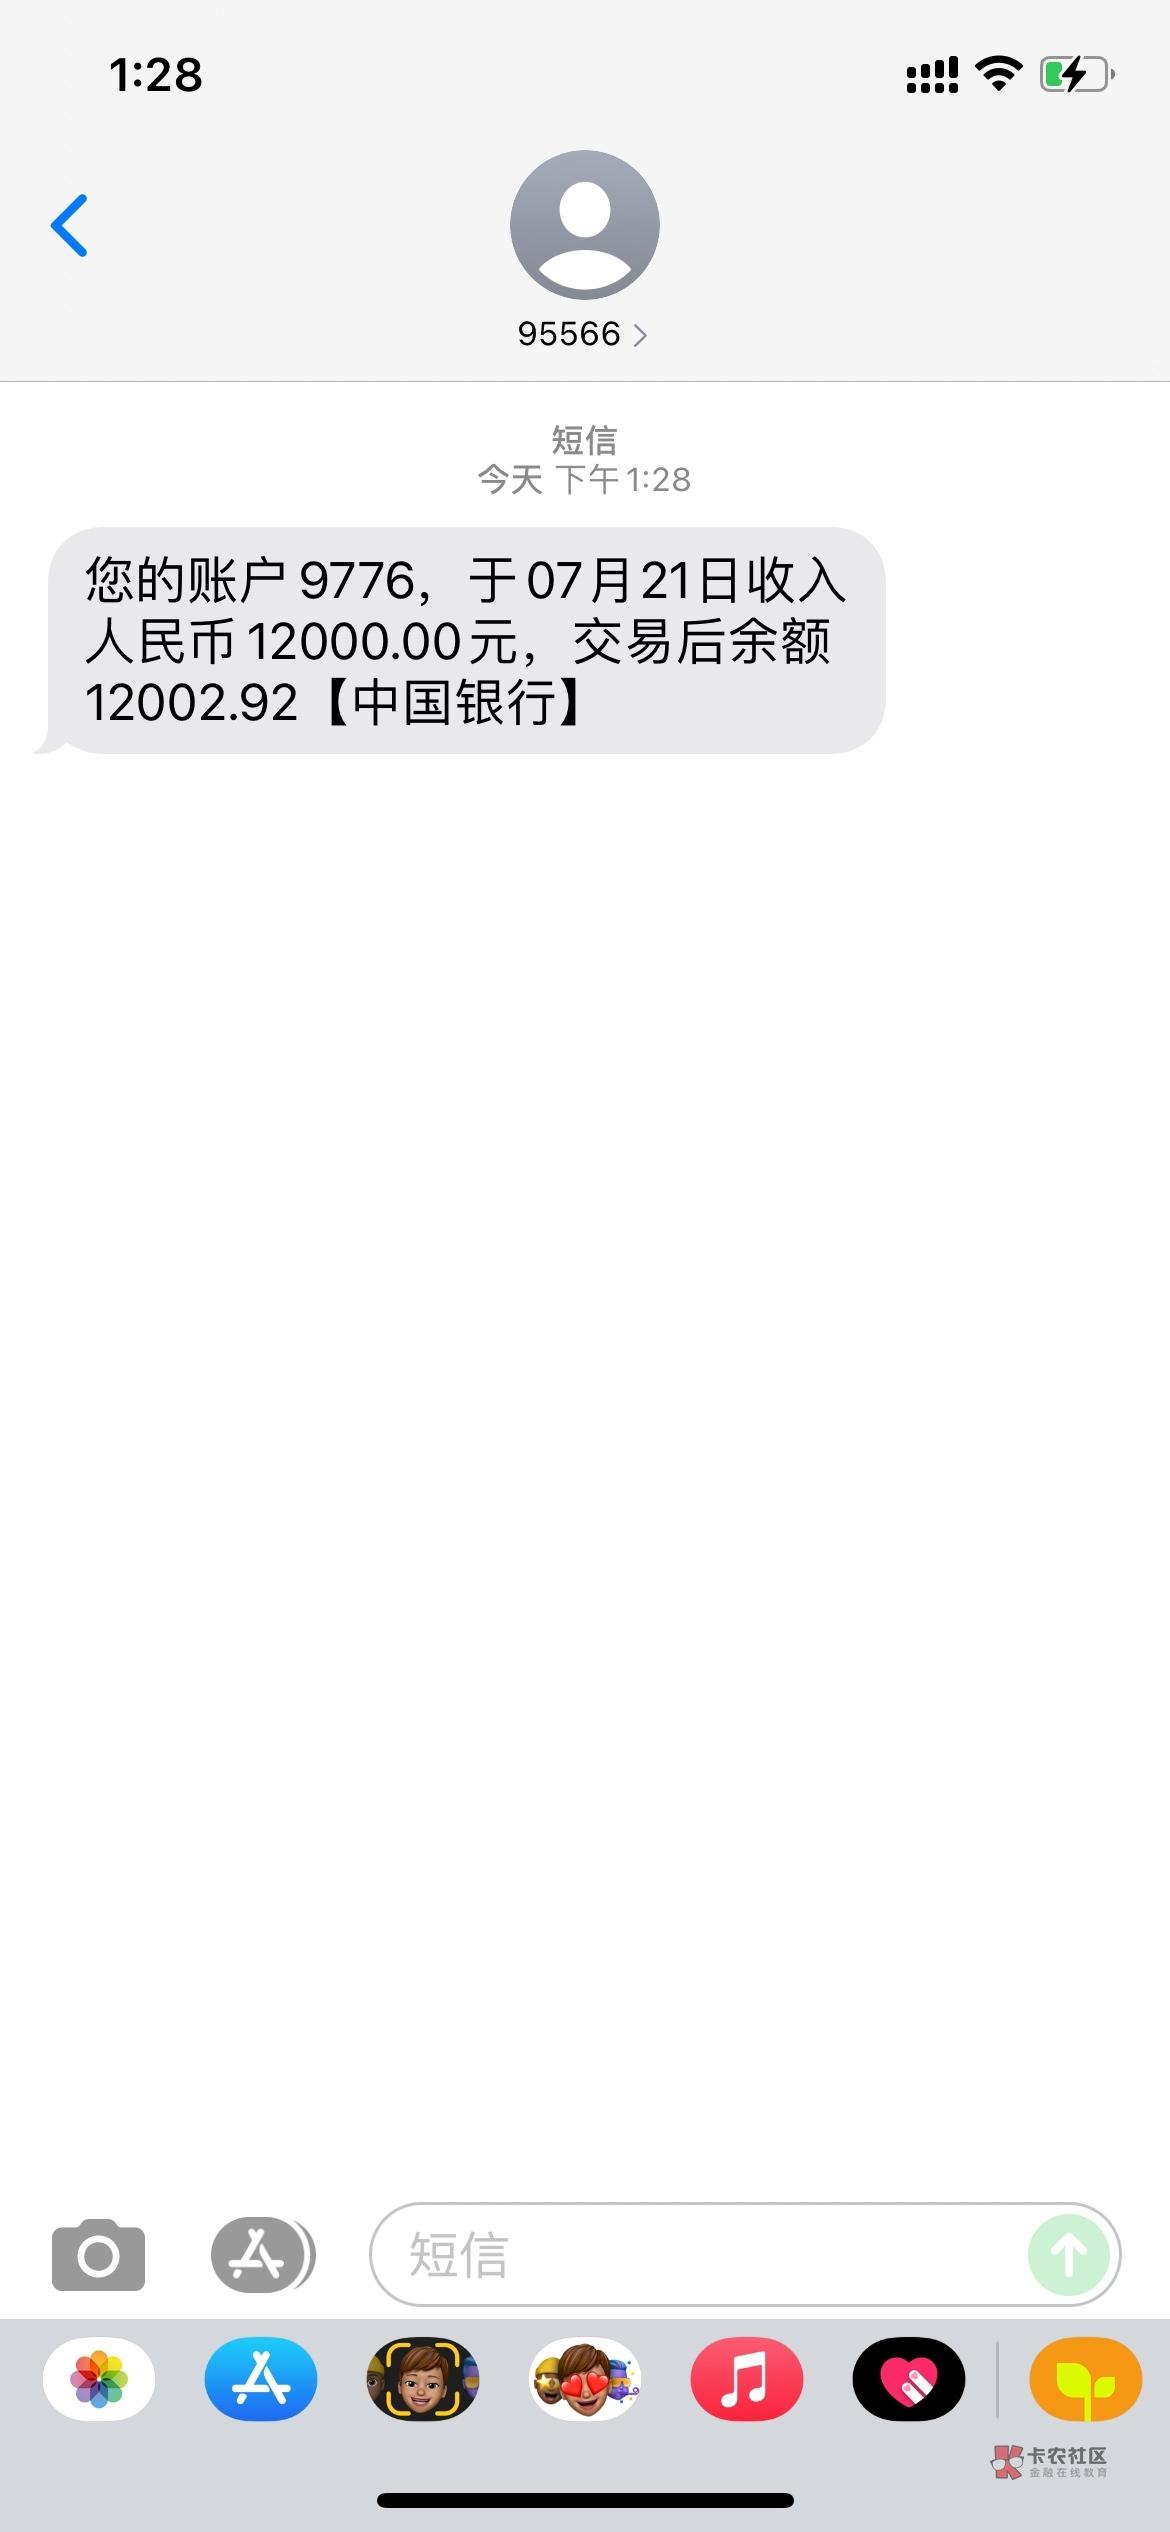 中银在放水吗,本想申请信用卡,推荐了好客贷下款了8 / 作者:李染 /